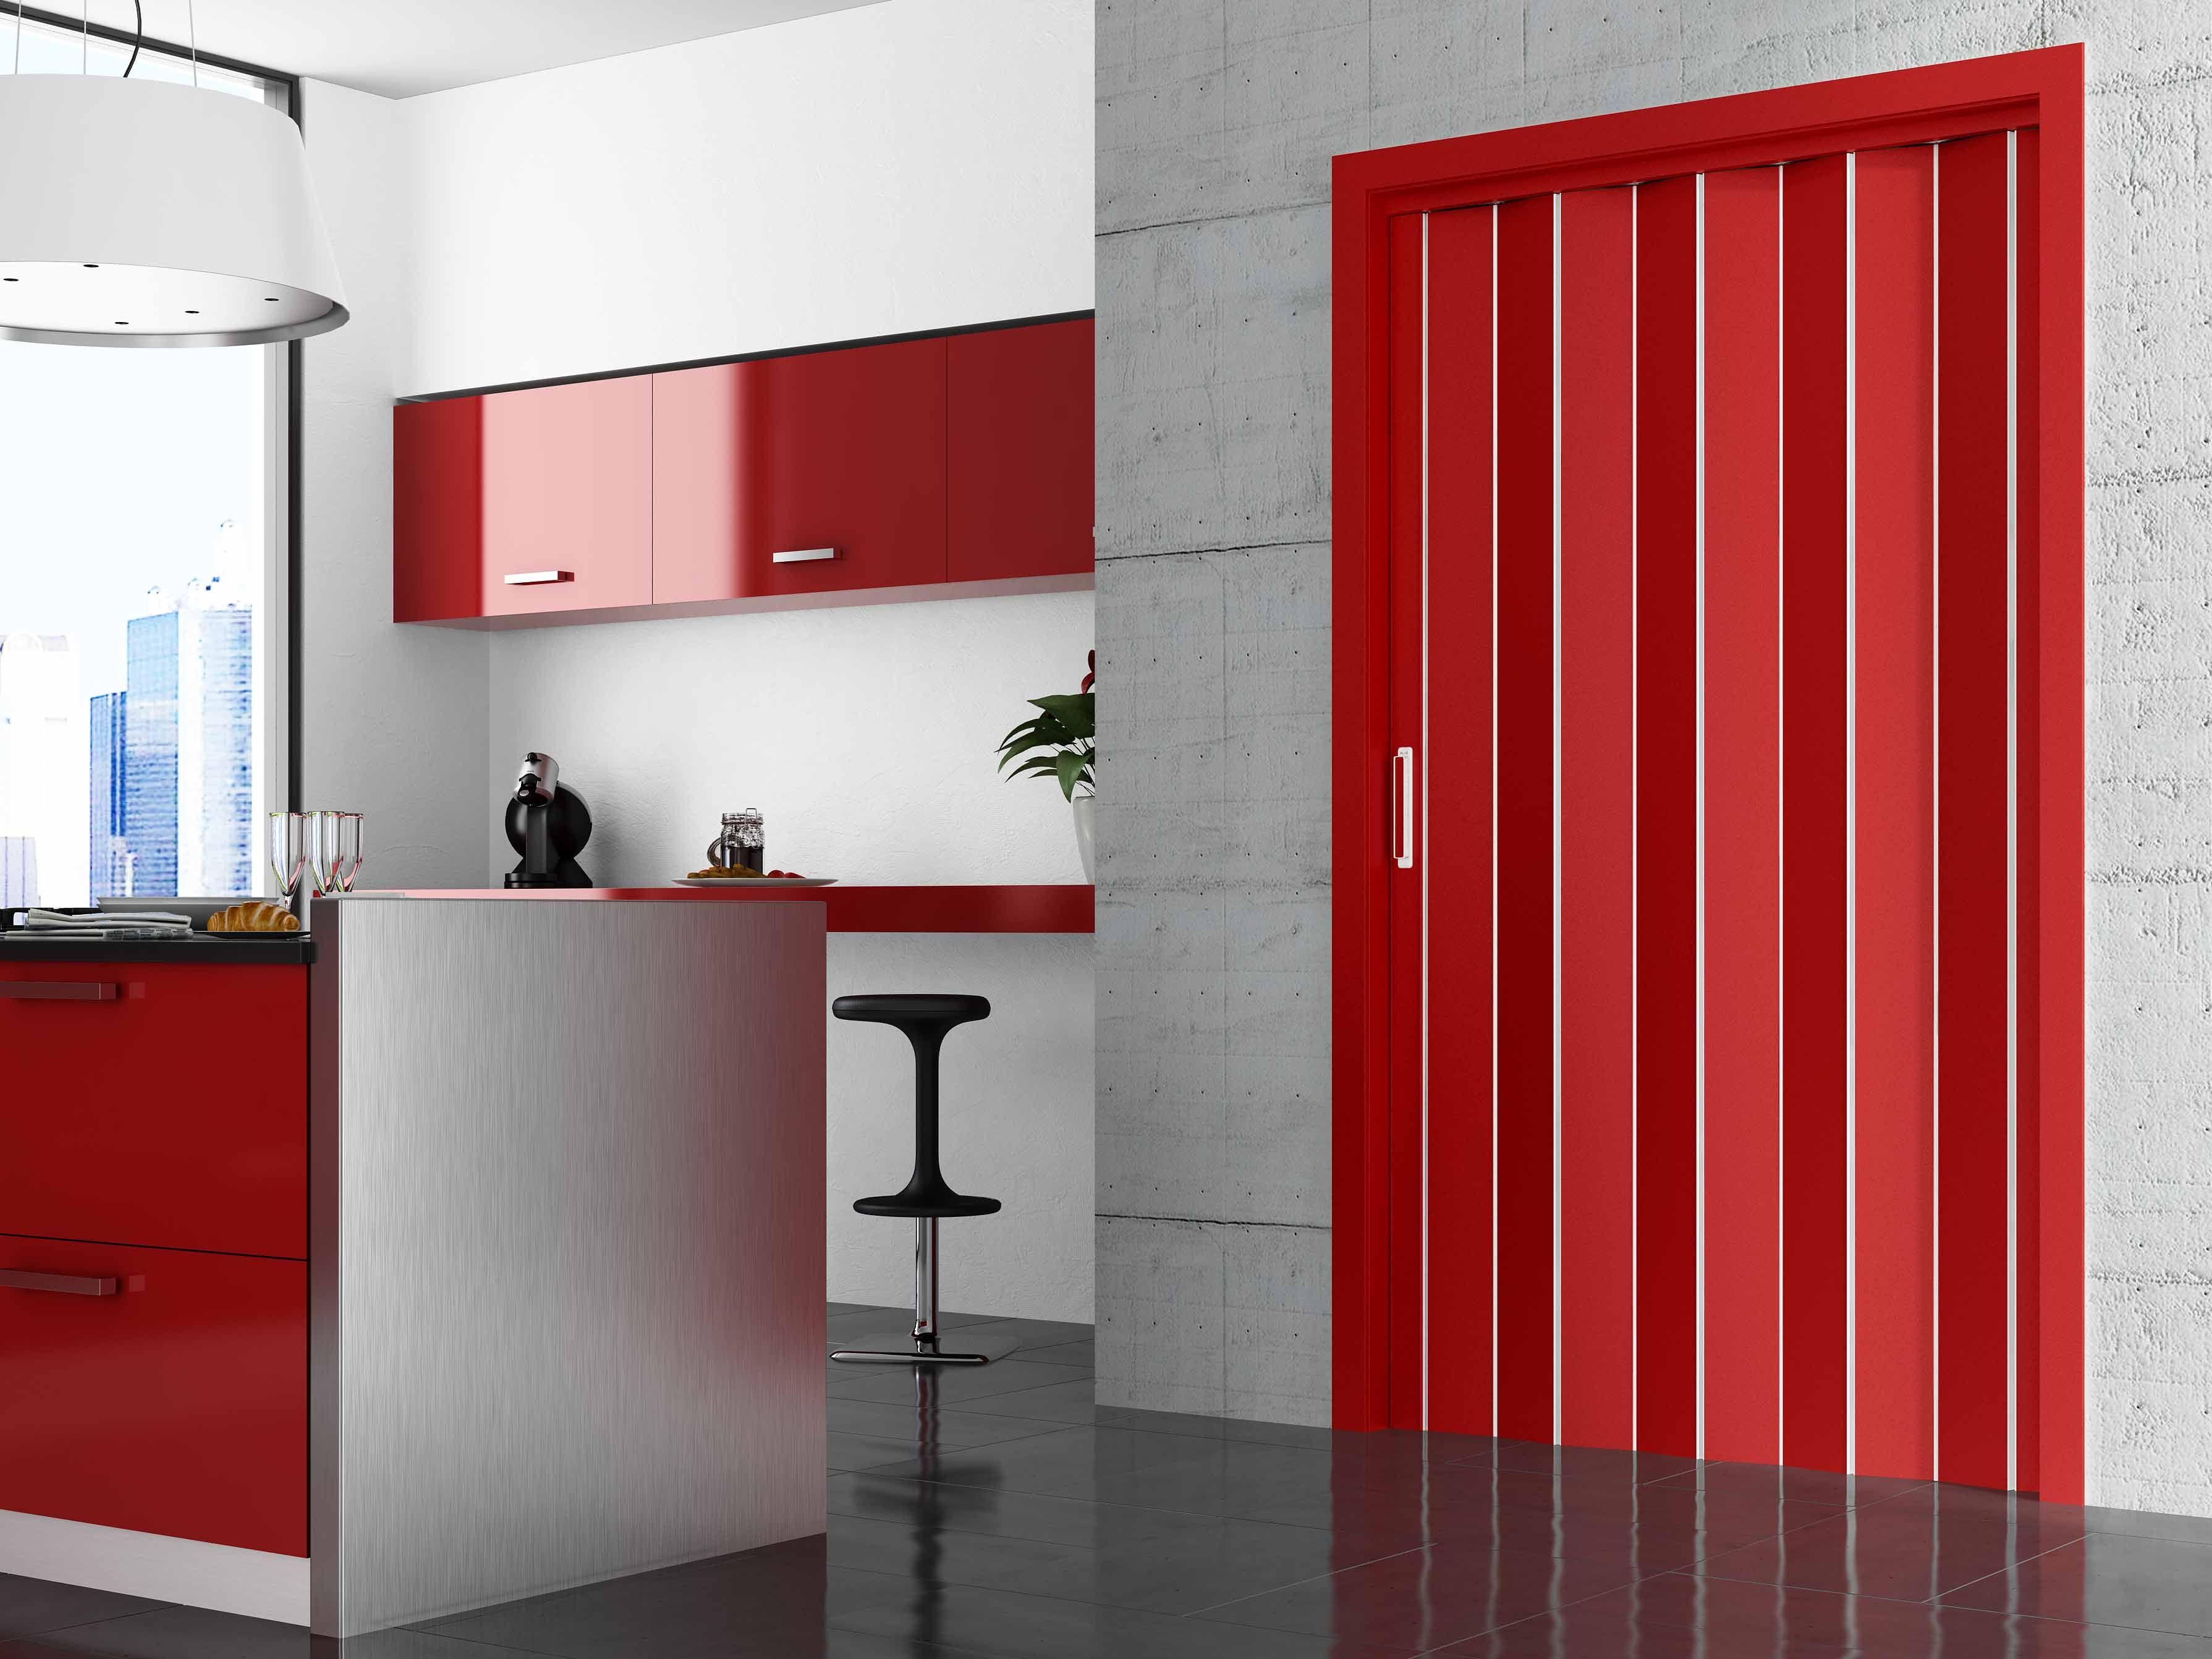 Puerta plegable lacada en color rojo puertas plegables pinterest doors patio y my design - Puertas tipo fuelle ...